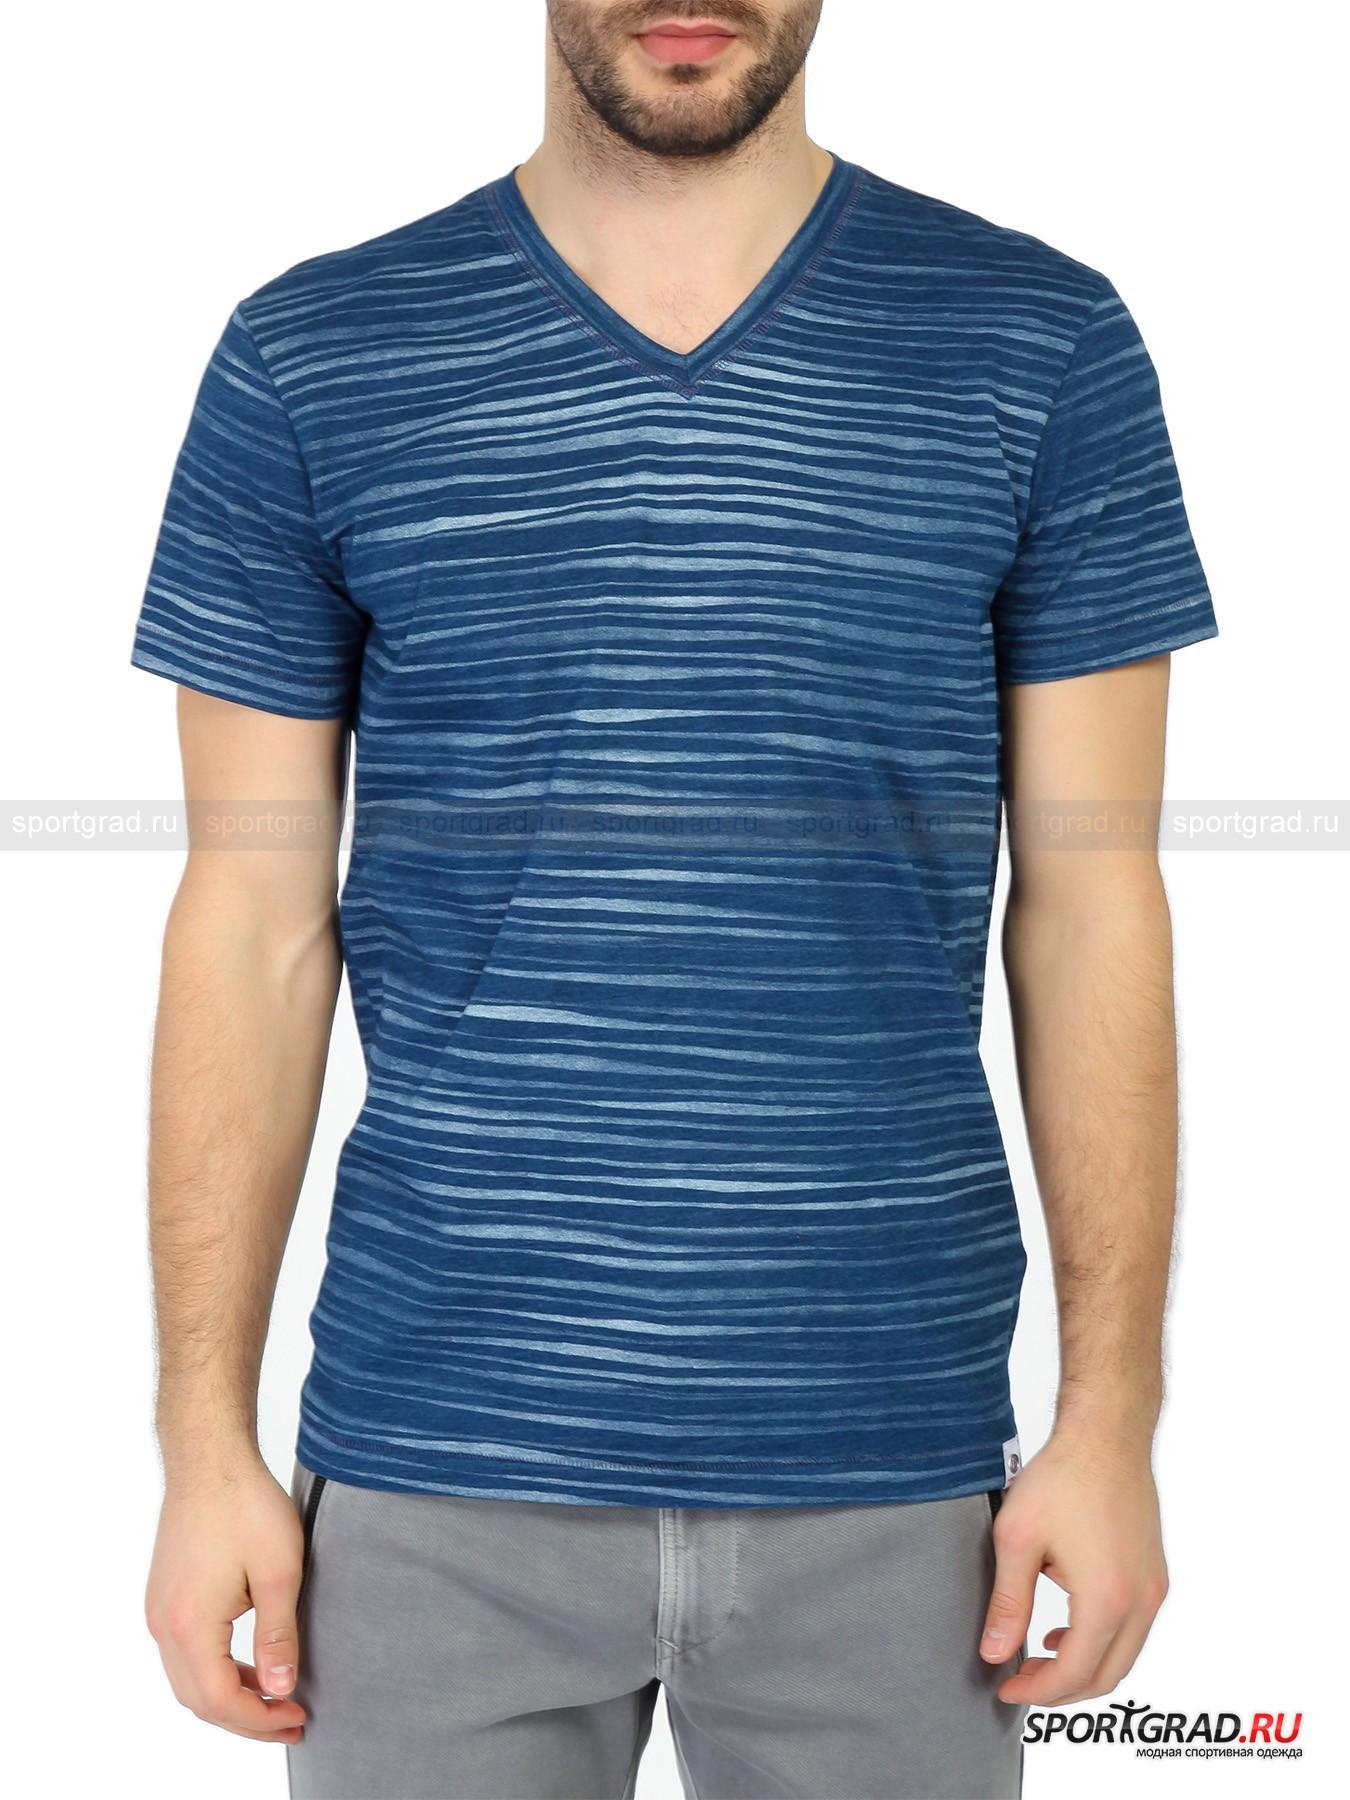 Футболка мужская  Vince FIRE&amp;ICEФутболки<br>Полоски – неизменный хит каждого теплого сезона, однако в этом году этот тренд претерпел изменения. Сейчас форма полосок должна быть необычной, изломанной, как на представленной на этой странице мужской футболке Vince Fire+Ice.<br><br>Футболка пошита из натуральной хлопковой ткани высочайшего качества, материал мягкий, плотный и приятный на ощупь. Он был подвергнут специальной обработке, придающий слегка потертый, винтажный вид. <br><br>Особенности модели:<br>- V-образный вырез;<br>- свободная посадка;<br>- фирменная нашивка.<br><br>Пол: Мужской<br>Возраст: Взрослый<br>Тип: Футболки<br>Рекомендации по уходу: деликатная стирка до 30 С; не отбеливать; гладить при температуре до 110 С; химическая чистка сухим способом; нельзя сушить в стиральной машине<br>Состав: 100% хлопок